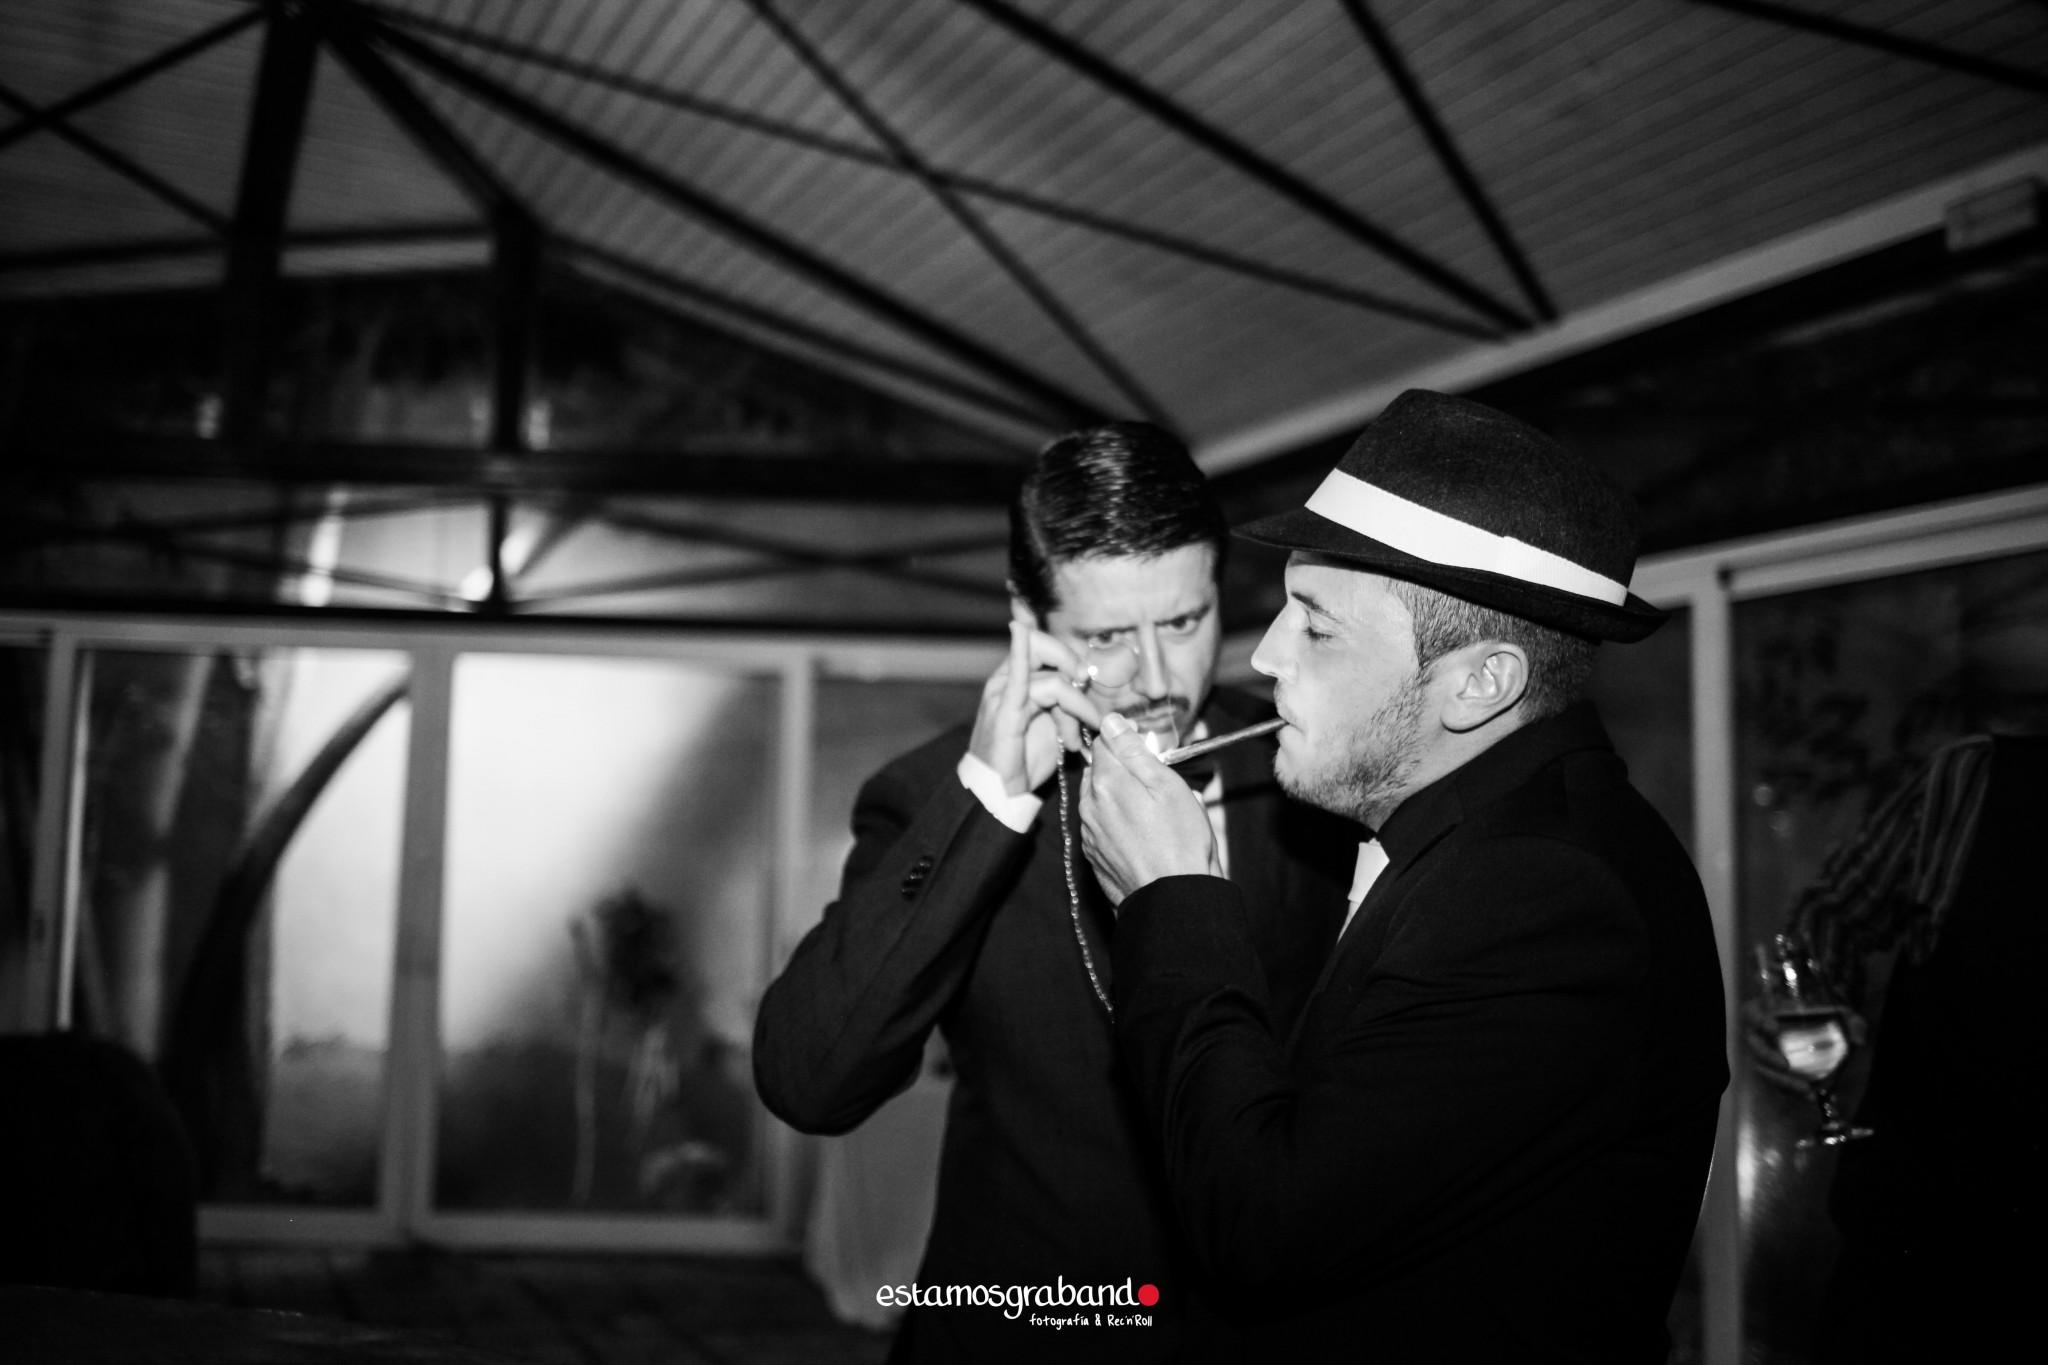 Años-20-BBTP-46-de-109 Los locos Años 20 [Fotografía en La Teta de Julieta, Cádiz] - video boda cadiz